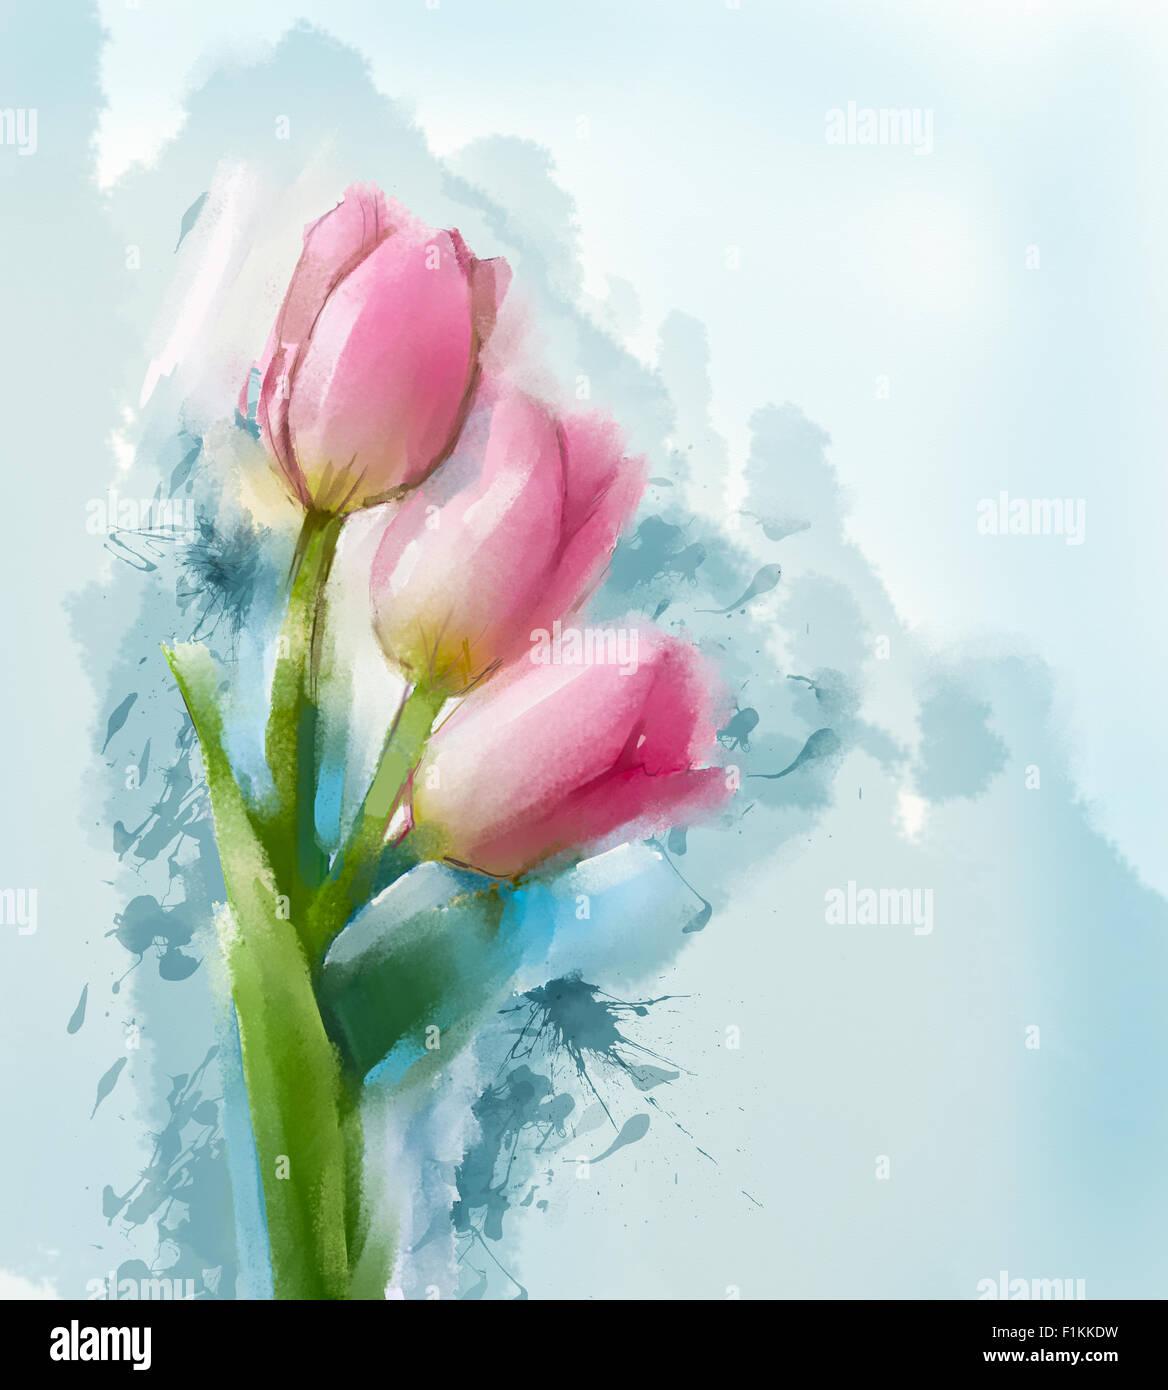 Rote Tulpen Blumen Malen Mit Blauer Farbe Hintergrund Stockfoto